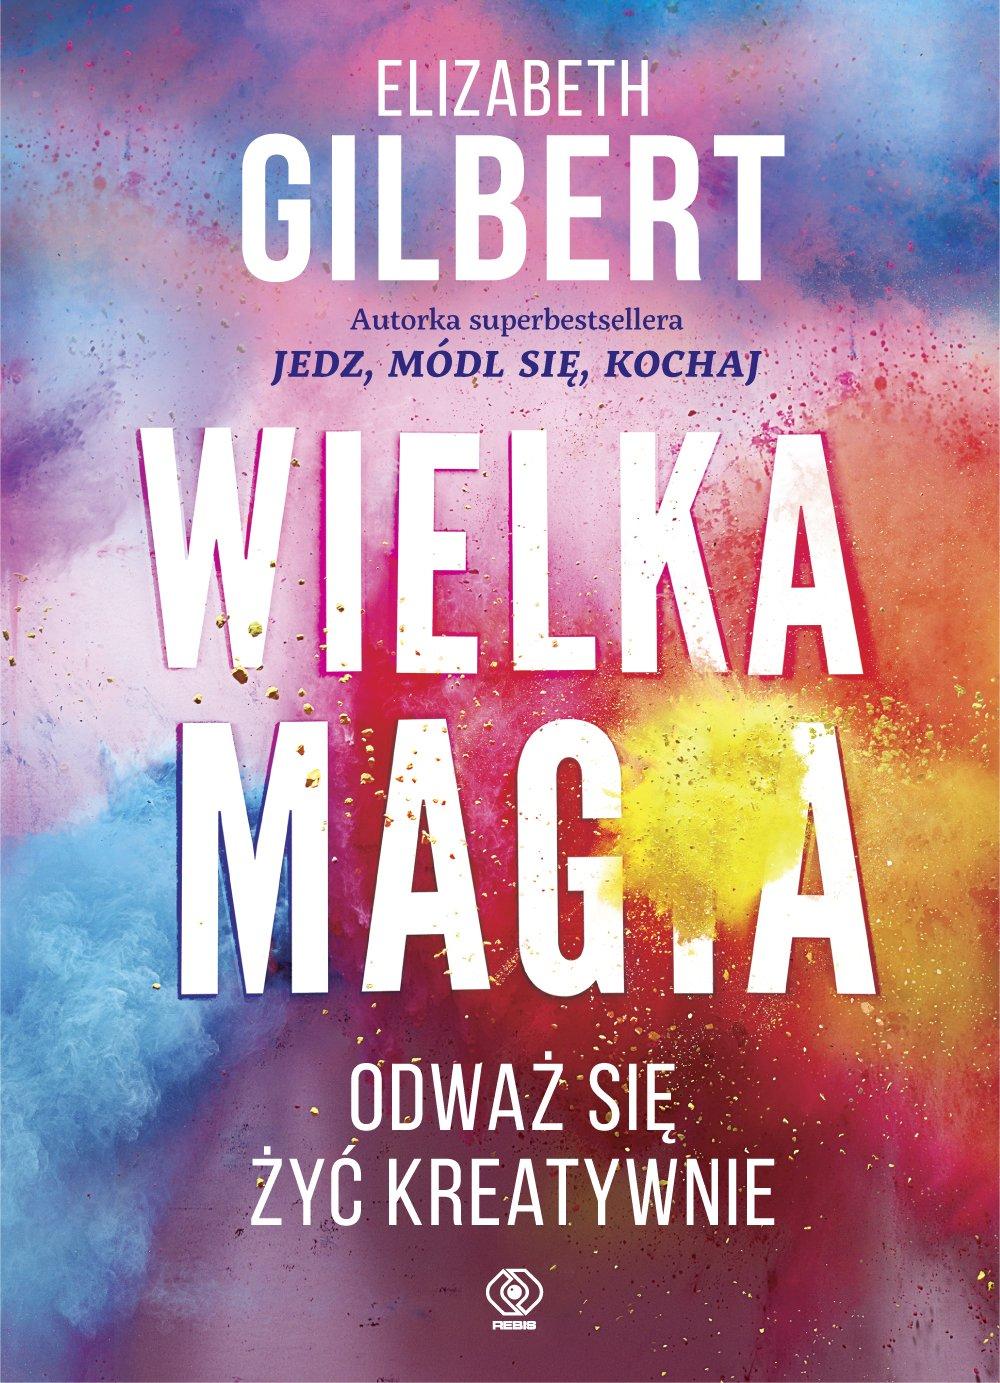 Wielka Magia - Ebook (Książka na Kindle) do pobrania w formacie MOBI